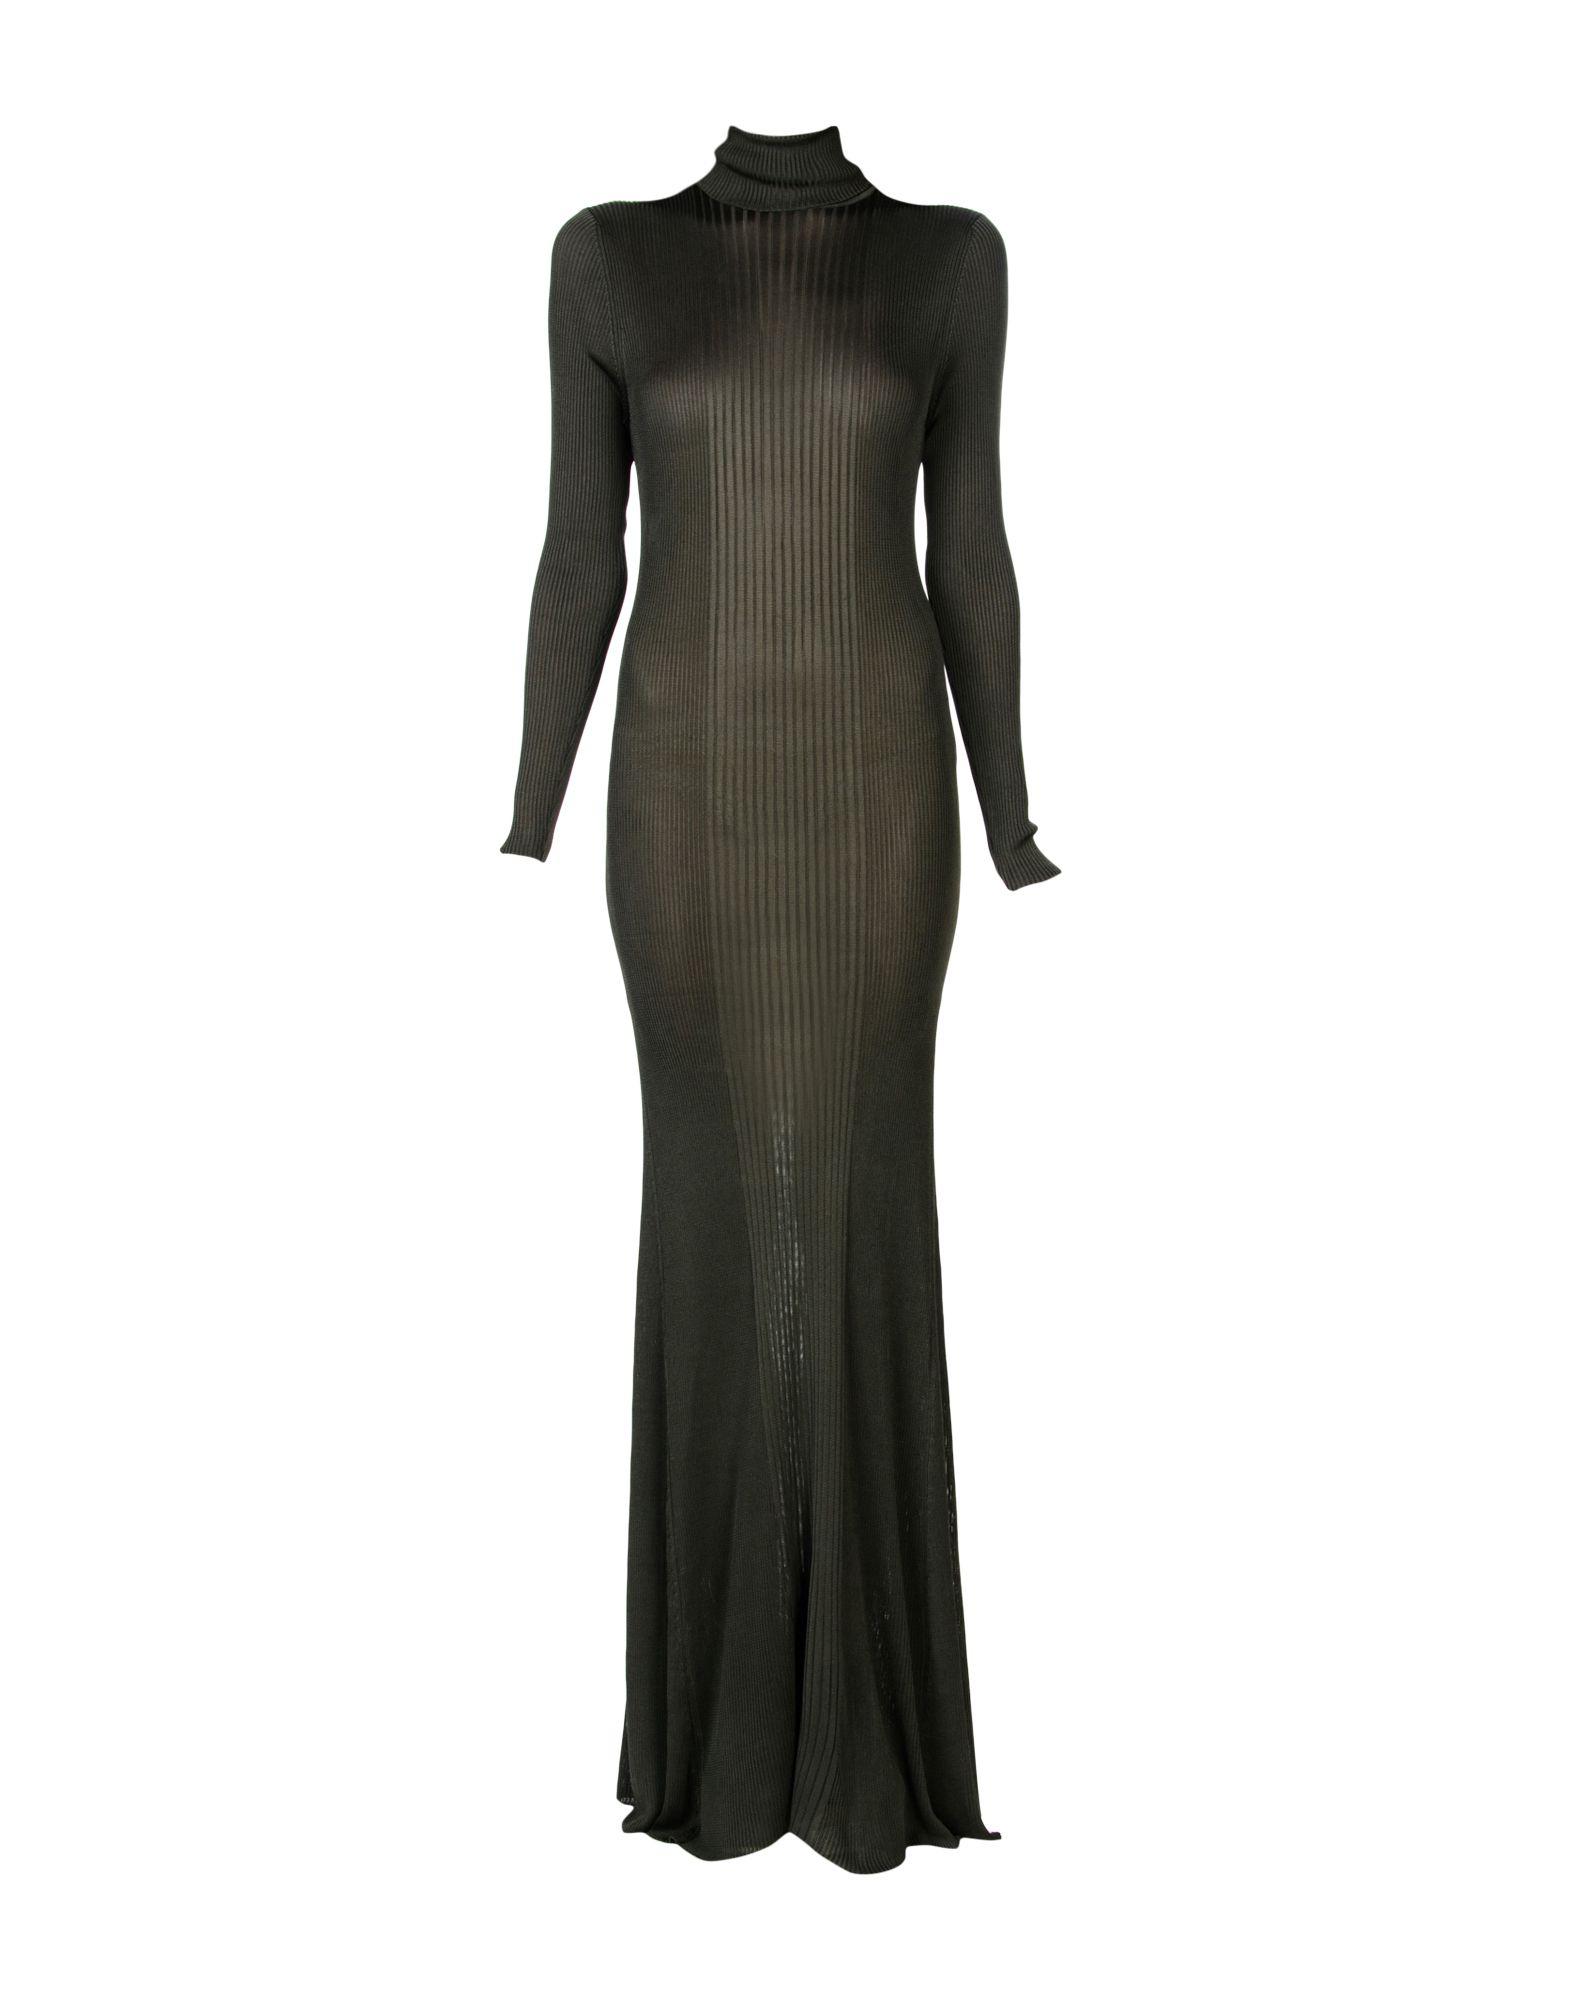 цены на EMILIO PUCCI Длинное платье в интернет-магазинах